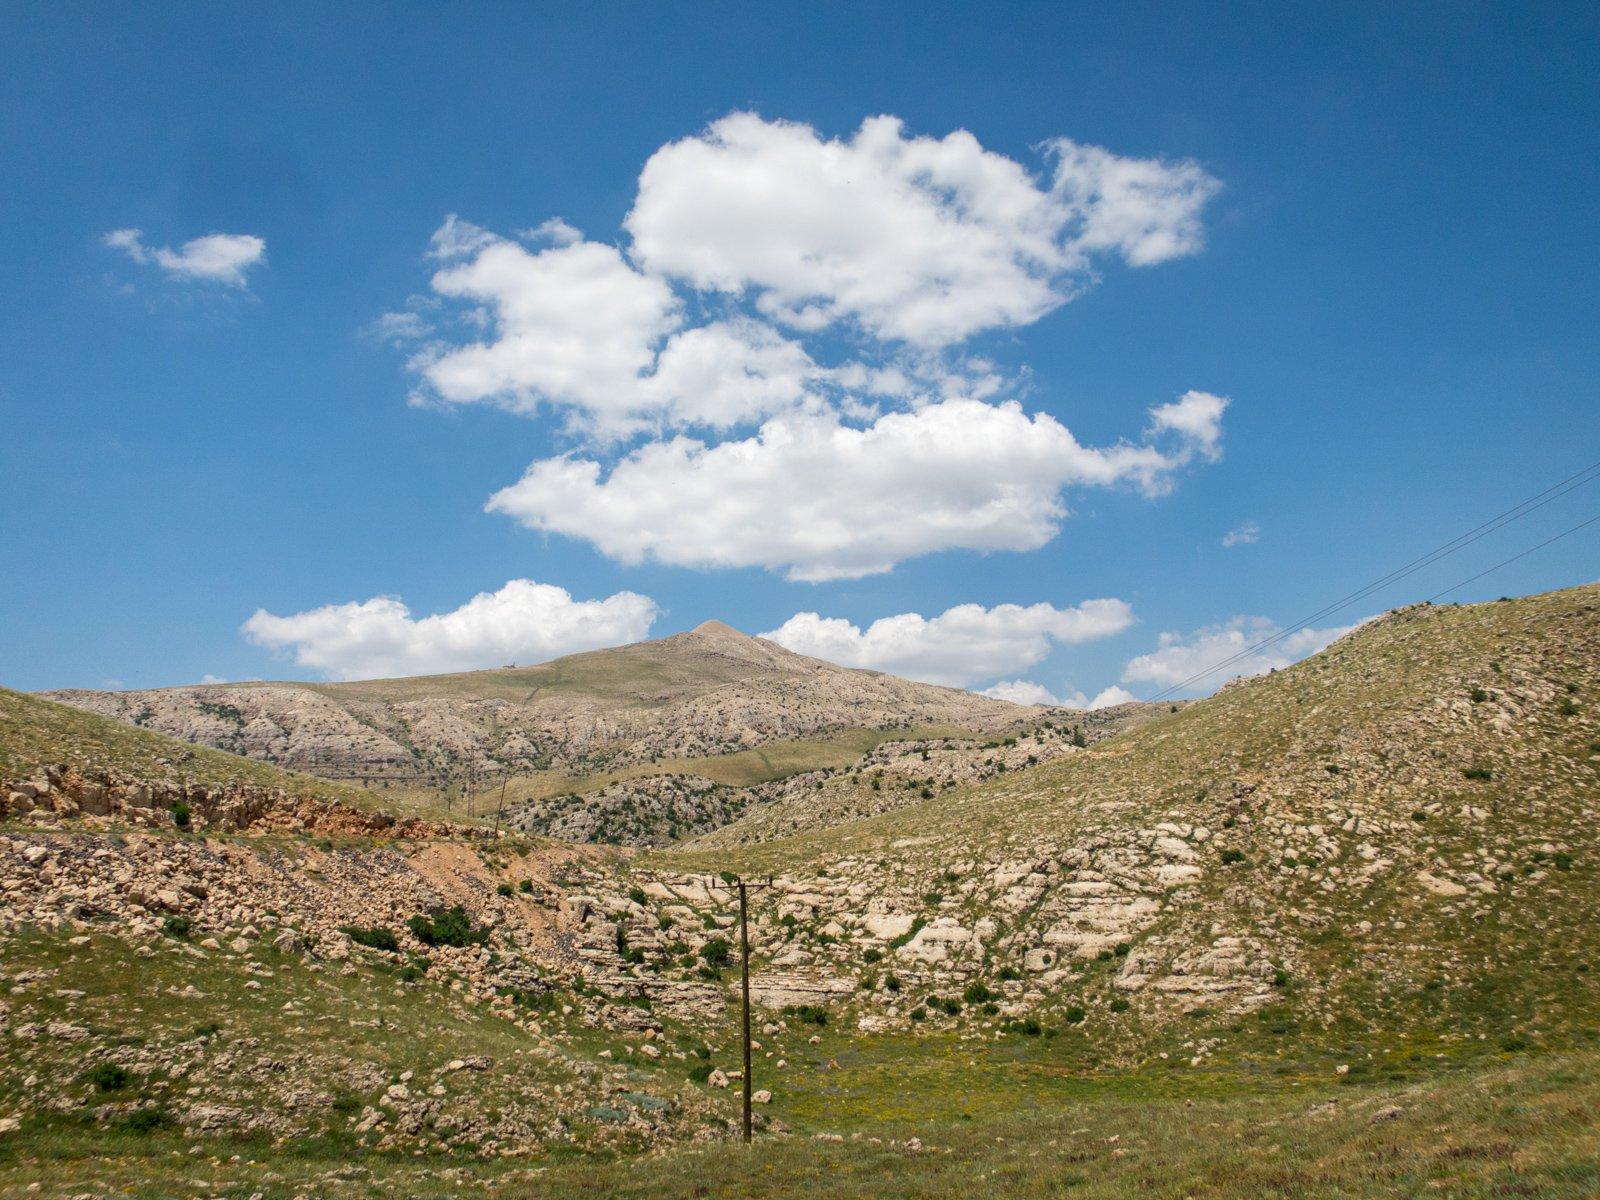 Mount Nemrut in southeastern Turkey